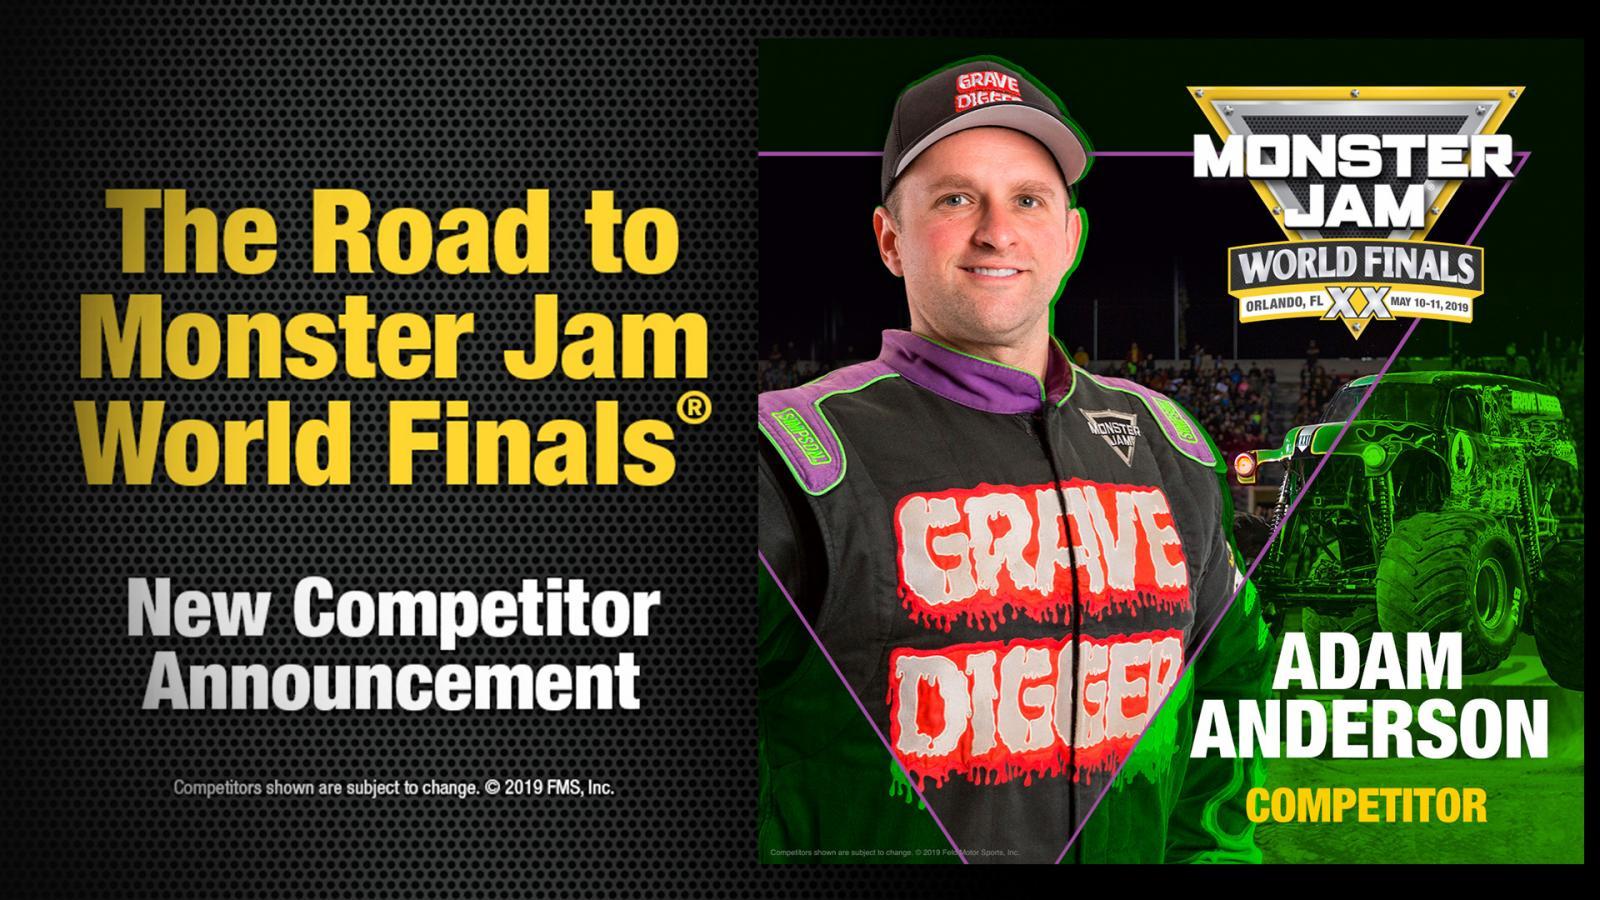 5eb336b209e Adam Anderson Joins World Finals Field